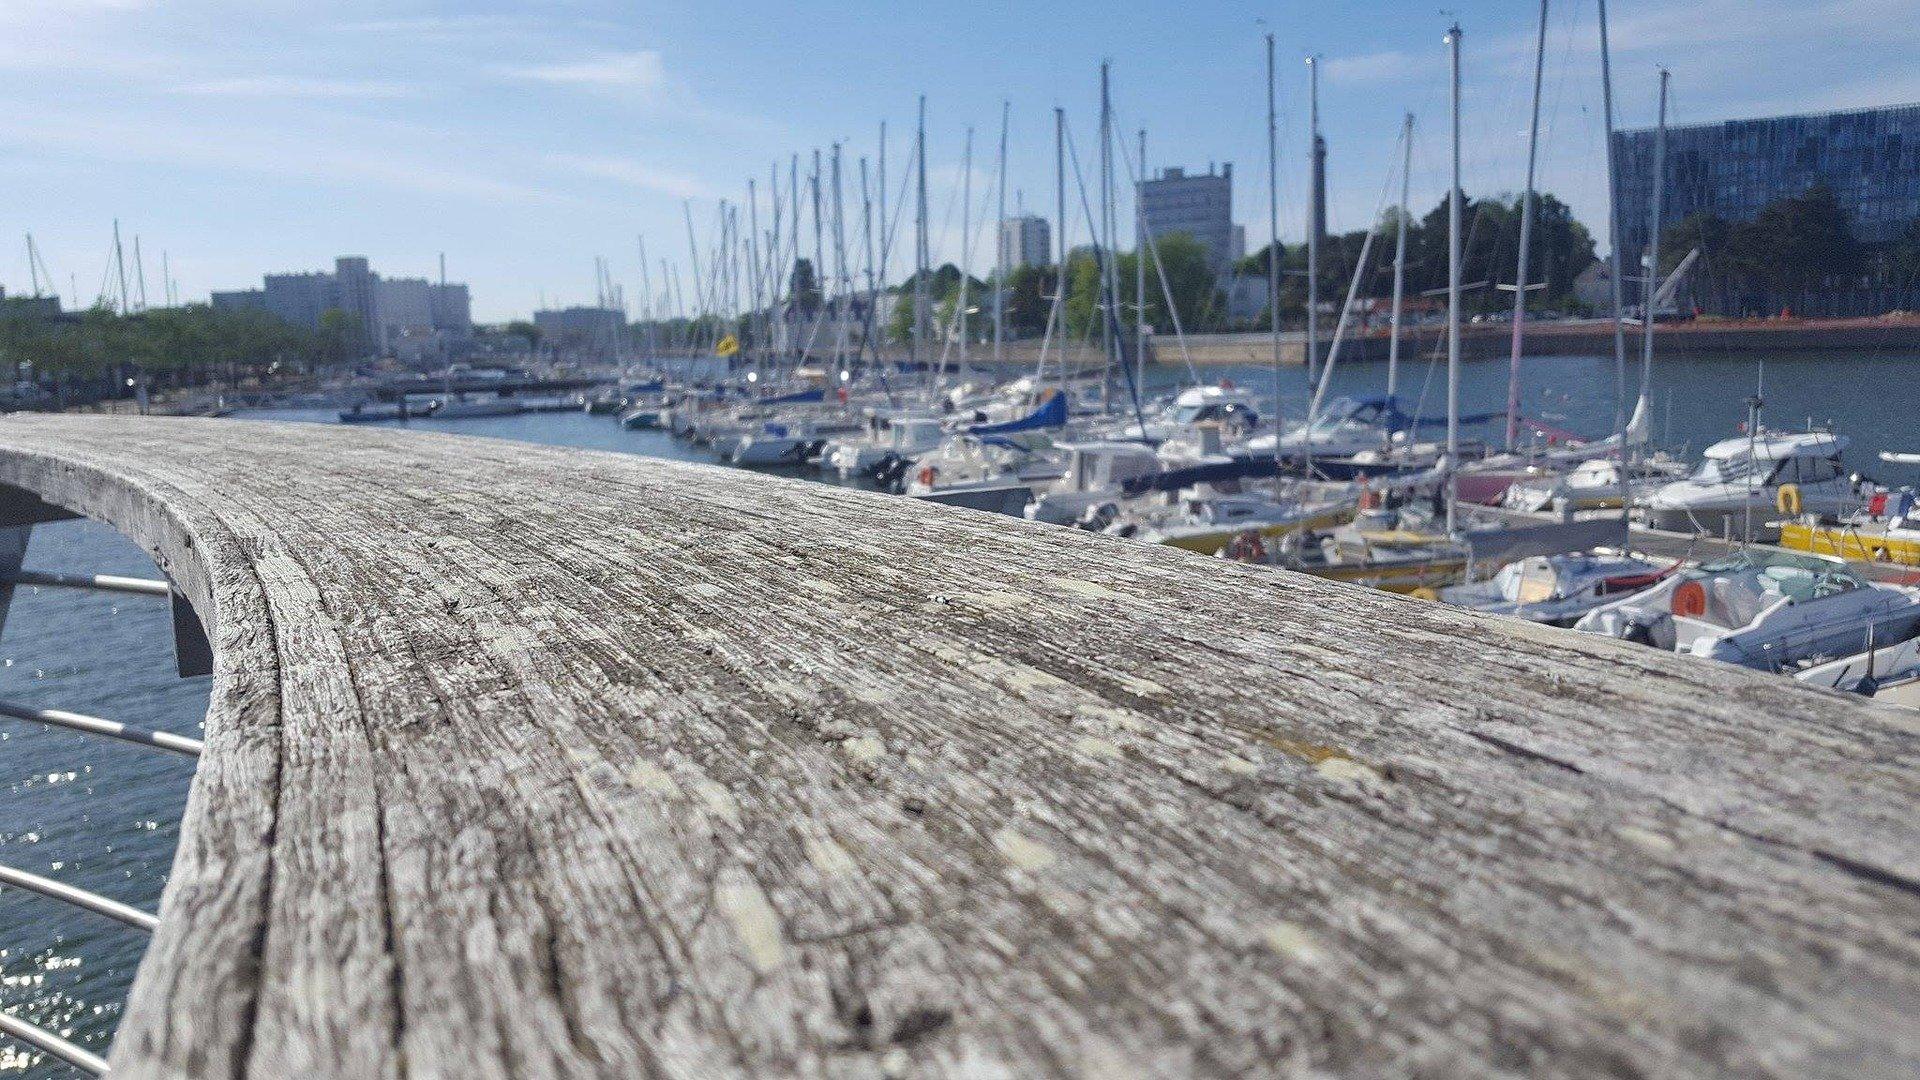 Que faire à Lorient lors d'une journée en famille ? - Les villas de la ria d'Etel, Morbihan